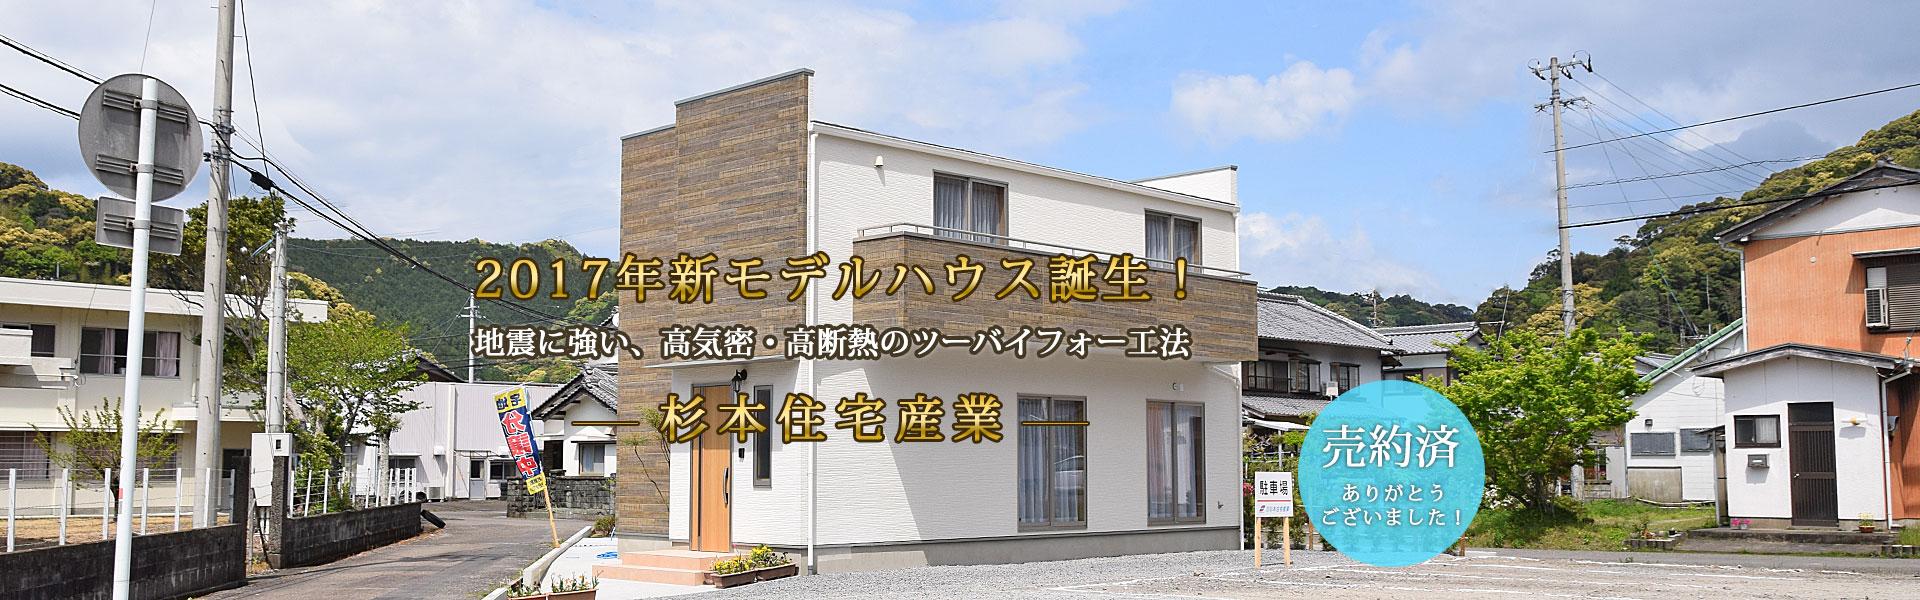 杉本住宅産業メインスライド-2